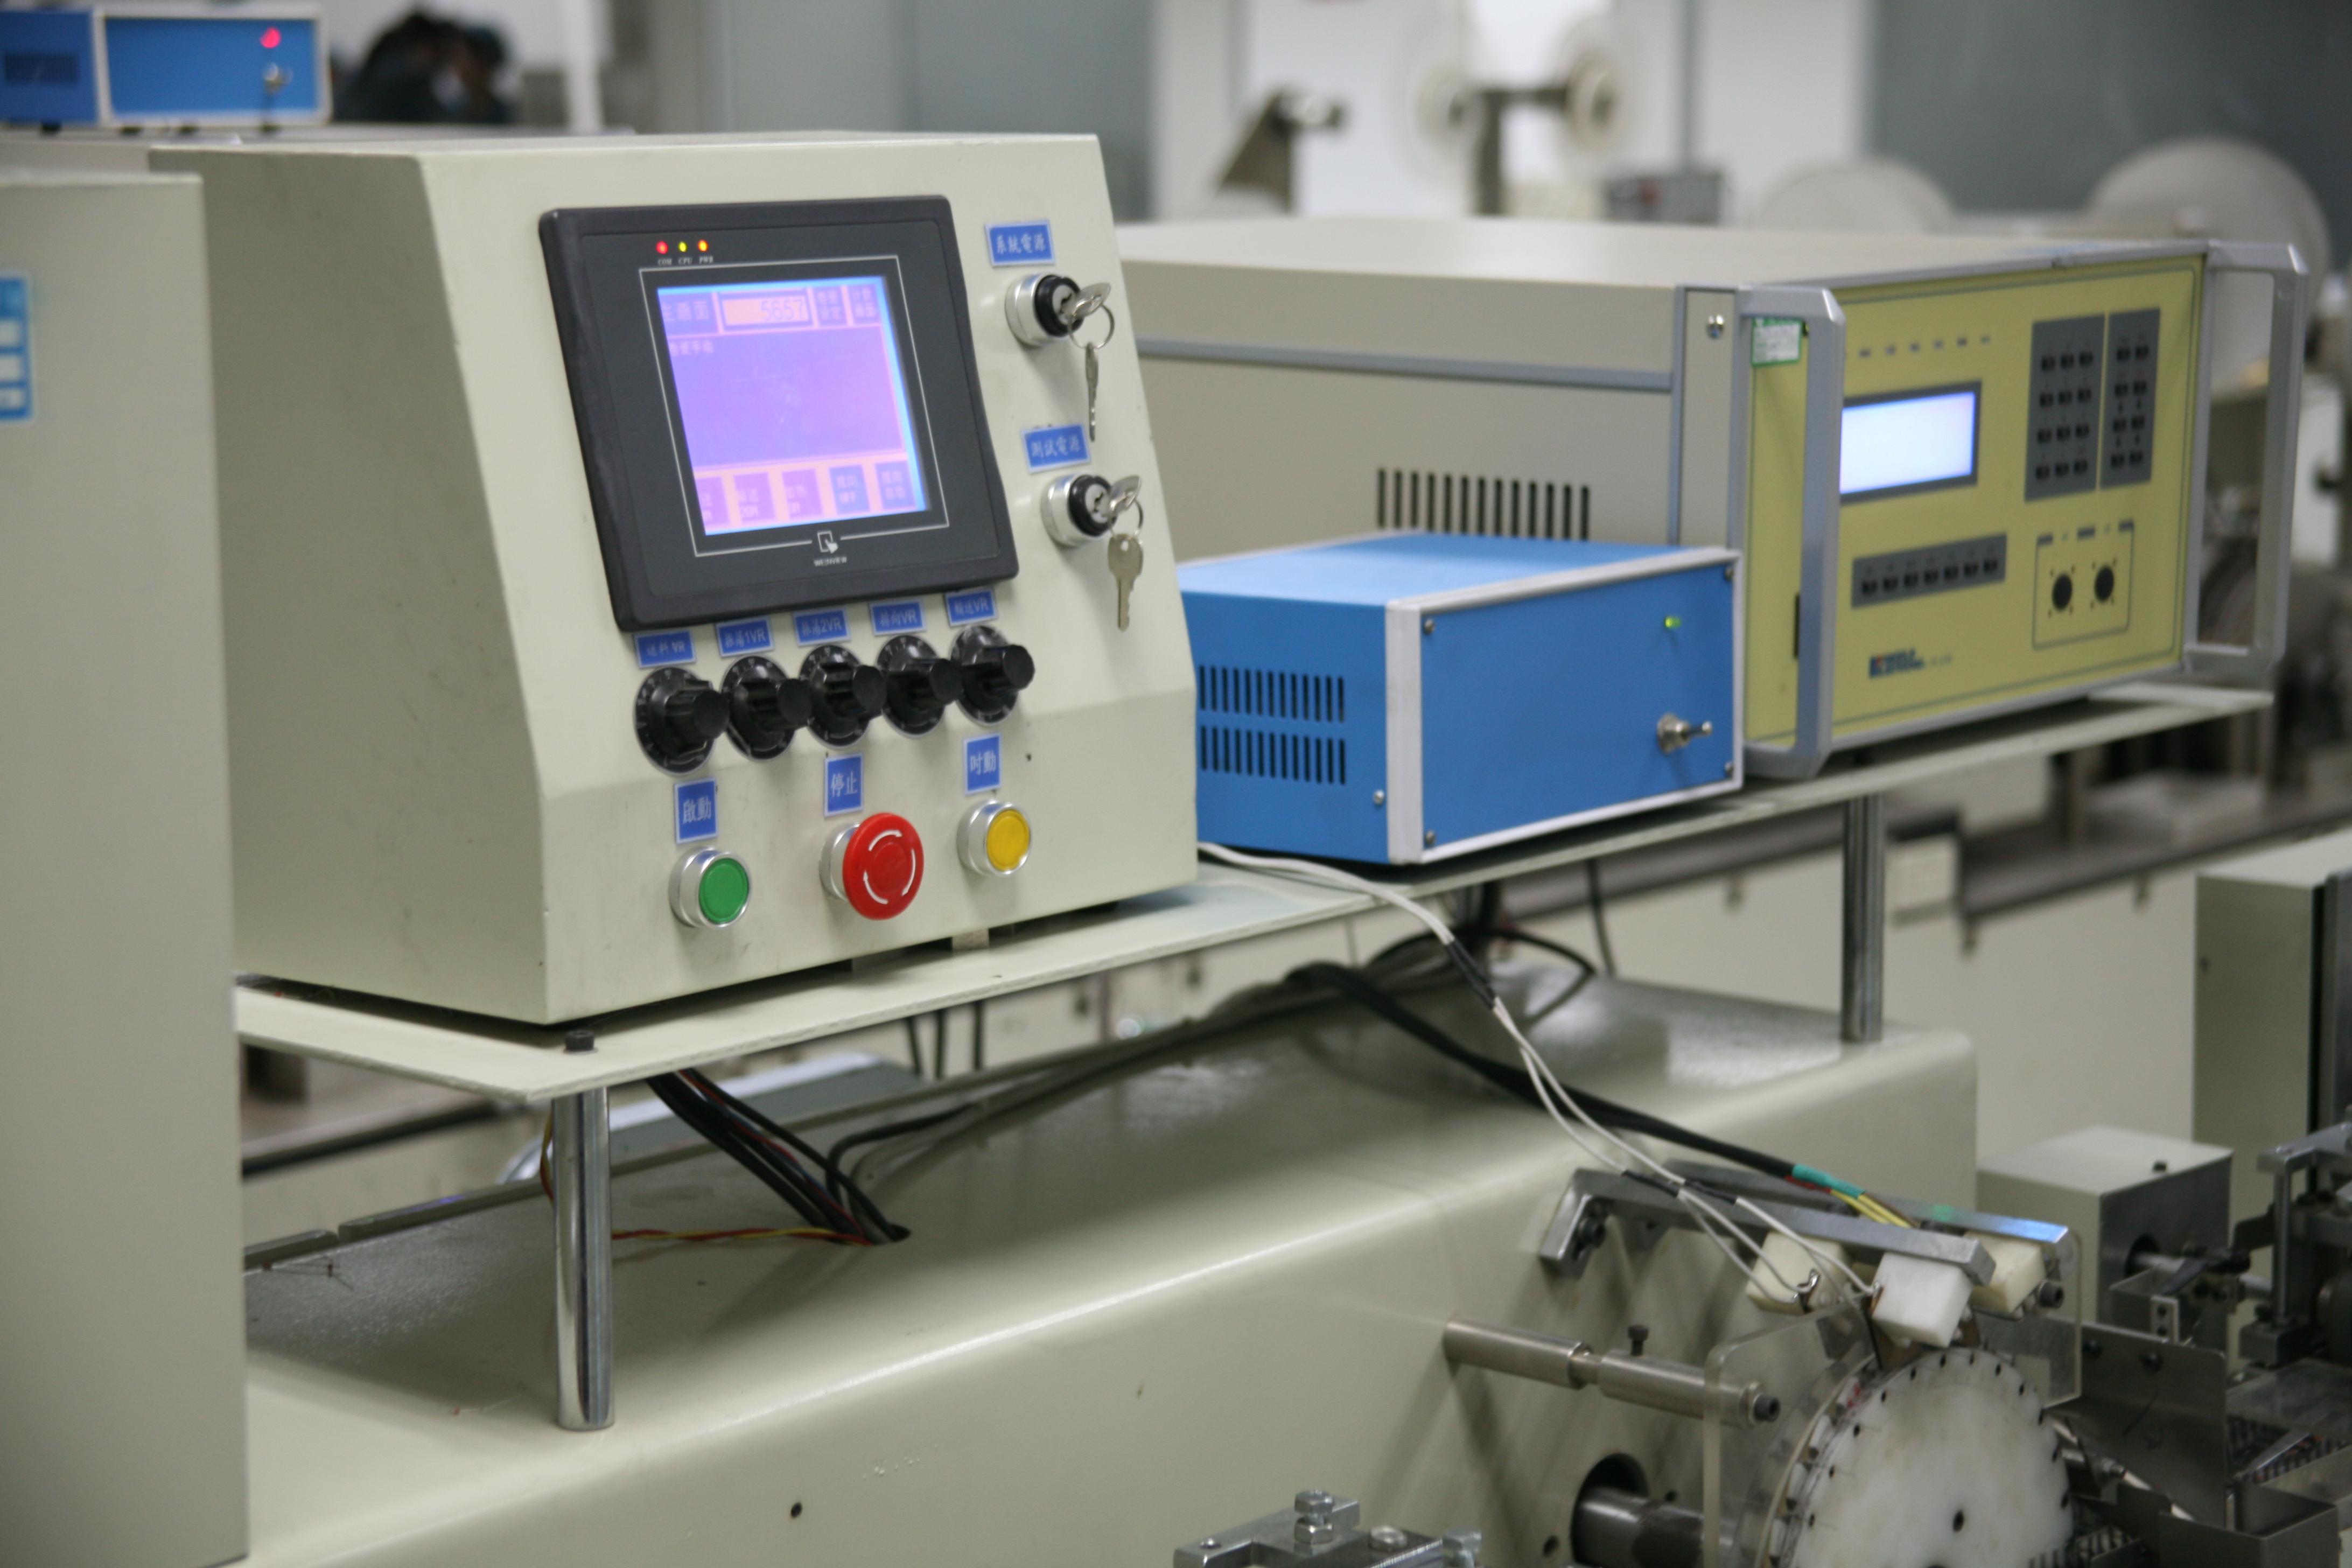 二极管及辅助器件在电源设计中需要注意的几个问题